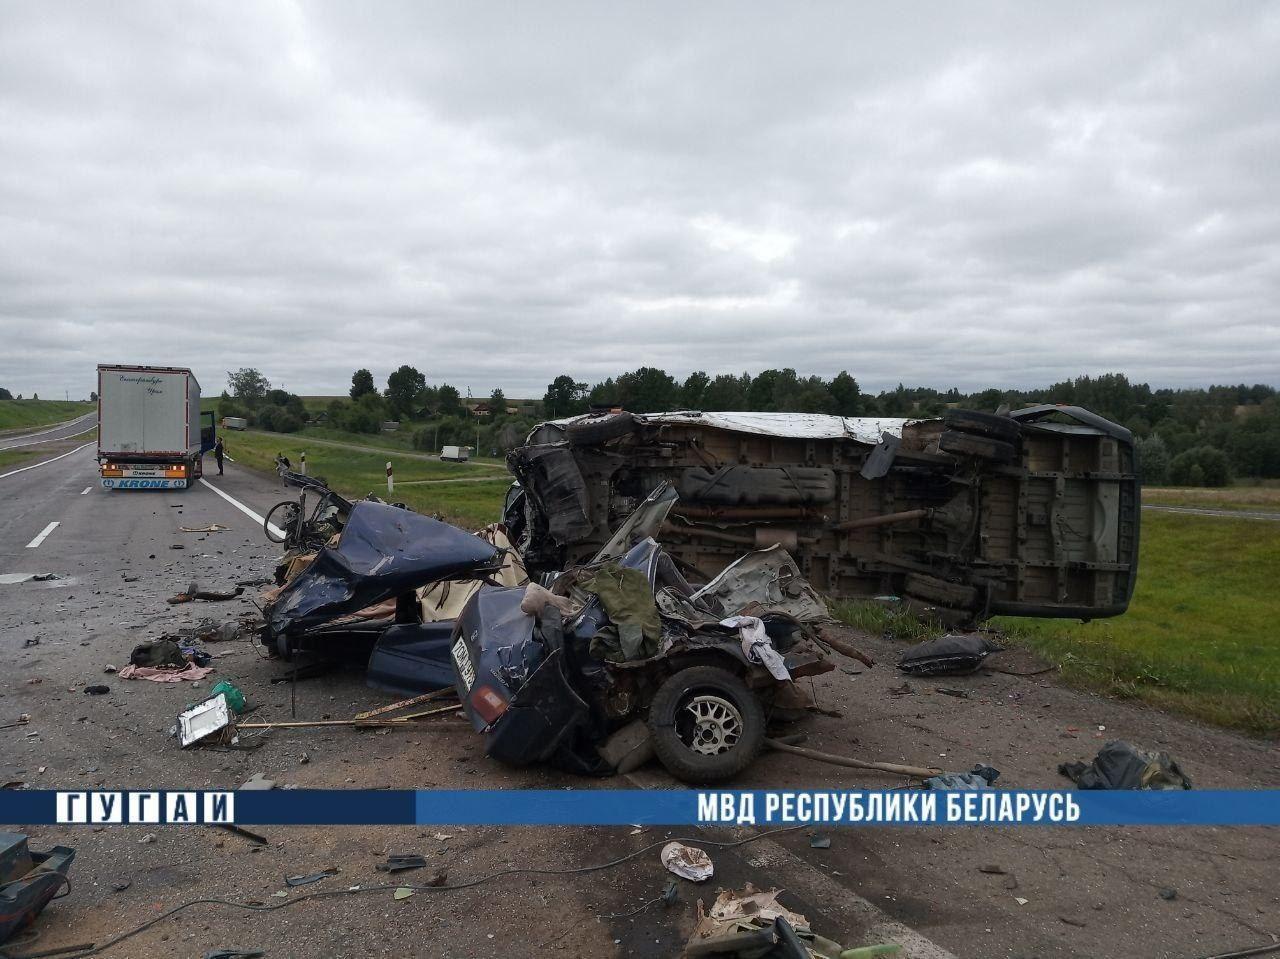 В ДТП в Оршанском районе погибли 2 человека